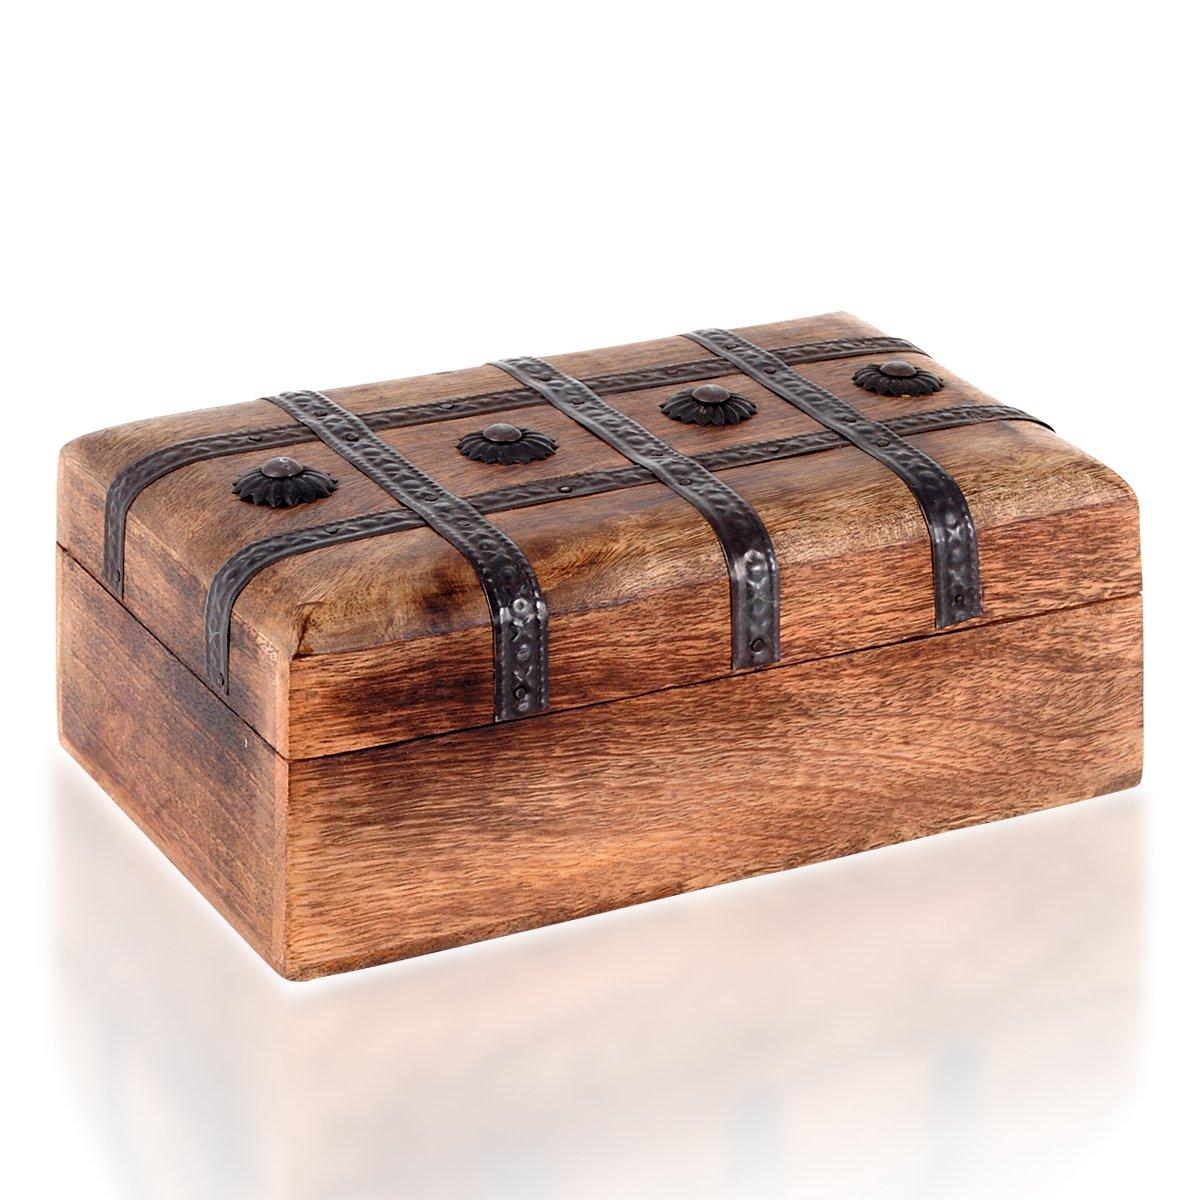 Brynnberg Scrigno del tesoro con lucchetto vintage Bauletto stile antico per accessori gioielli oggetti di valore, Cassaforte in legno, Idea regalo decorativa 31x18x18cm